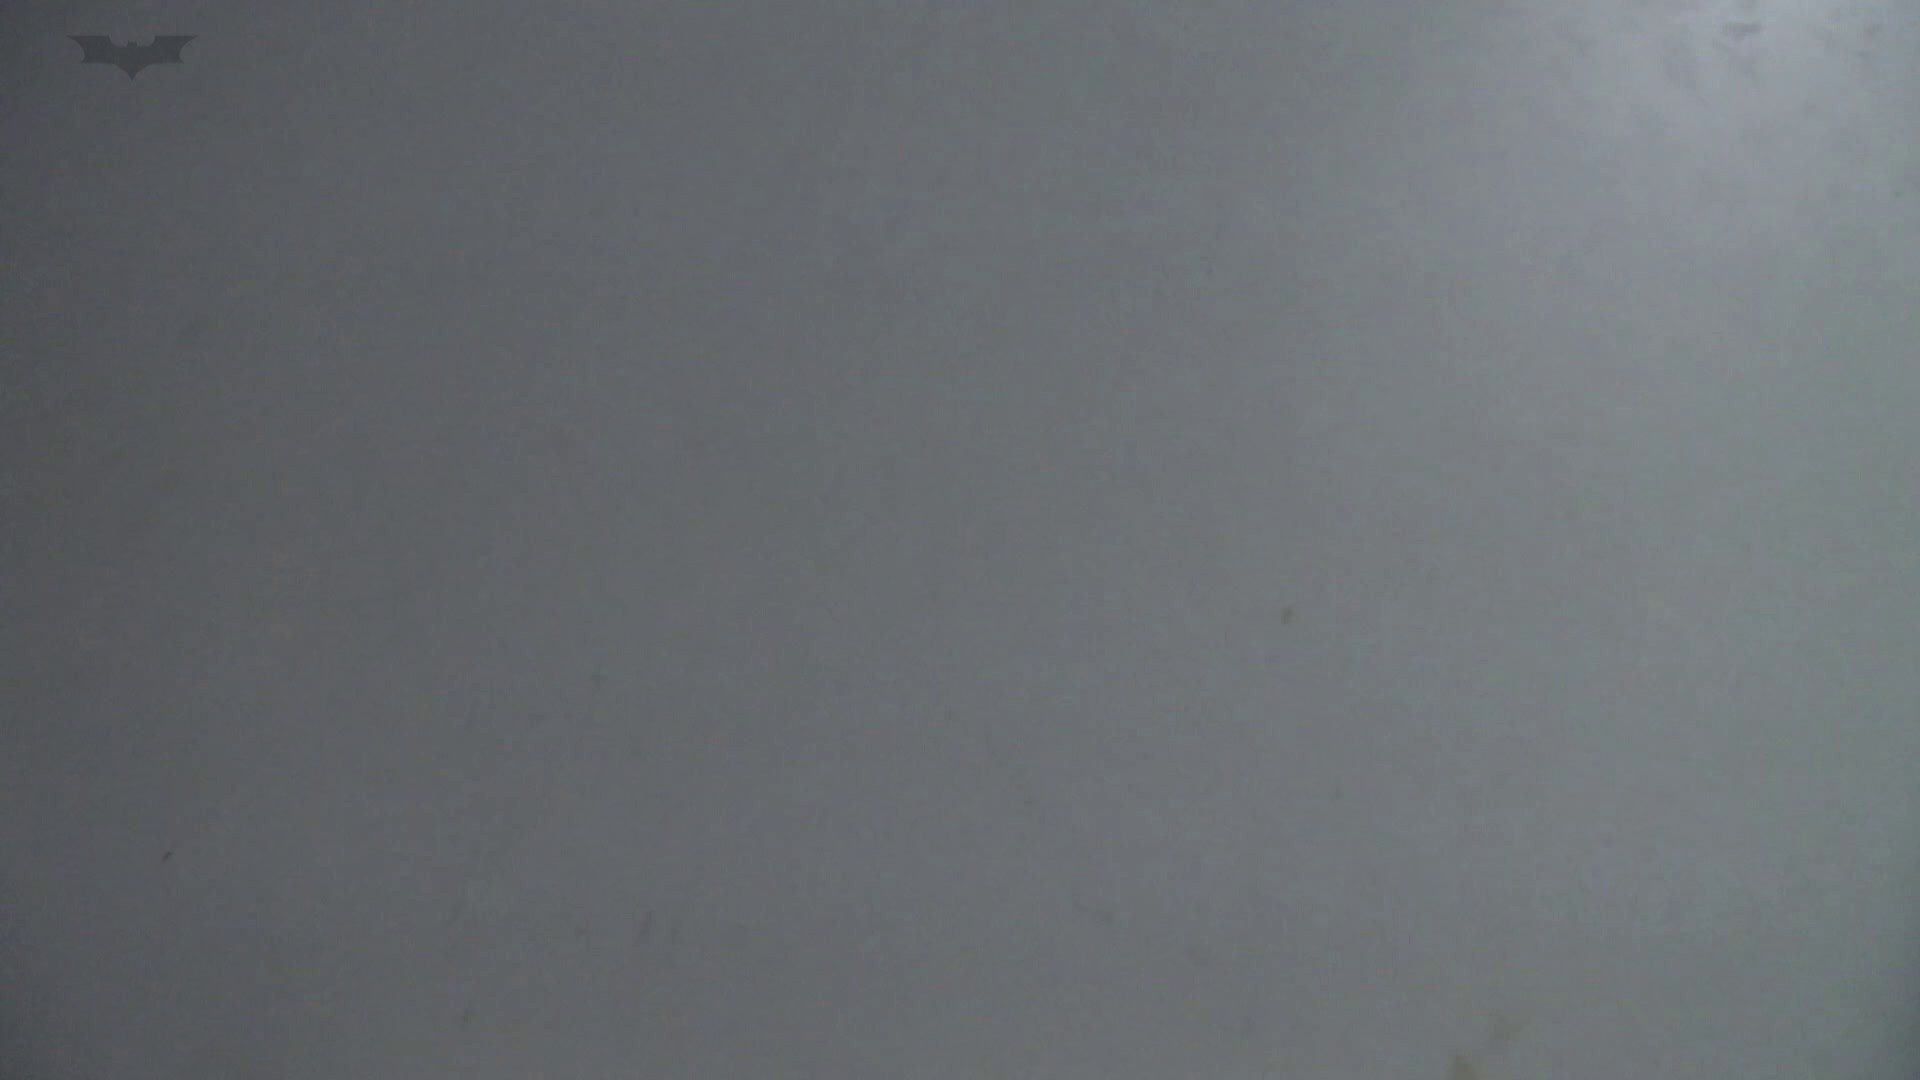 ▲復活限定▲マンコ丸見え!花火大会潜入撮 Vol.02 明るい場所に移動! お姉さん  62PIX 44